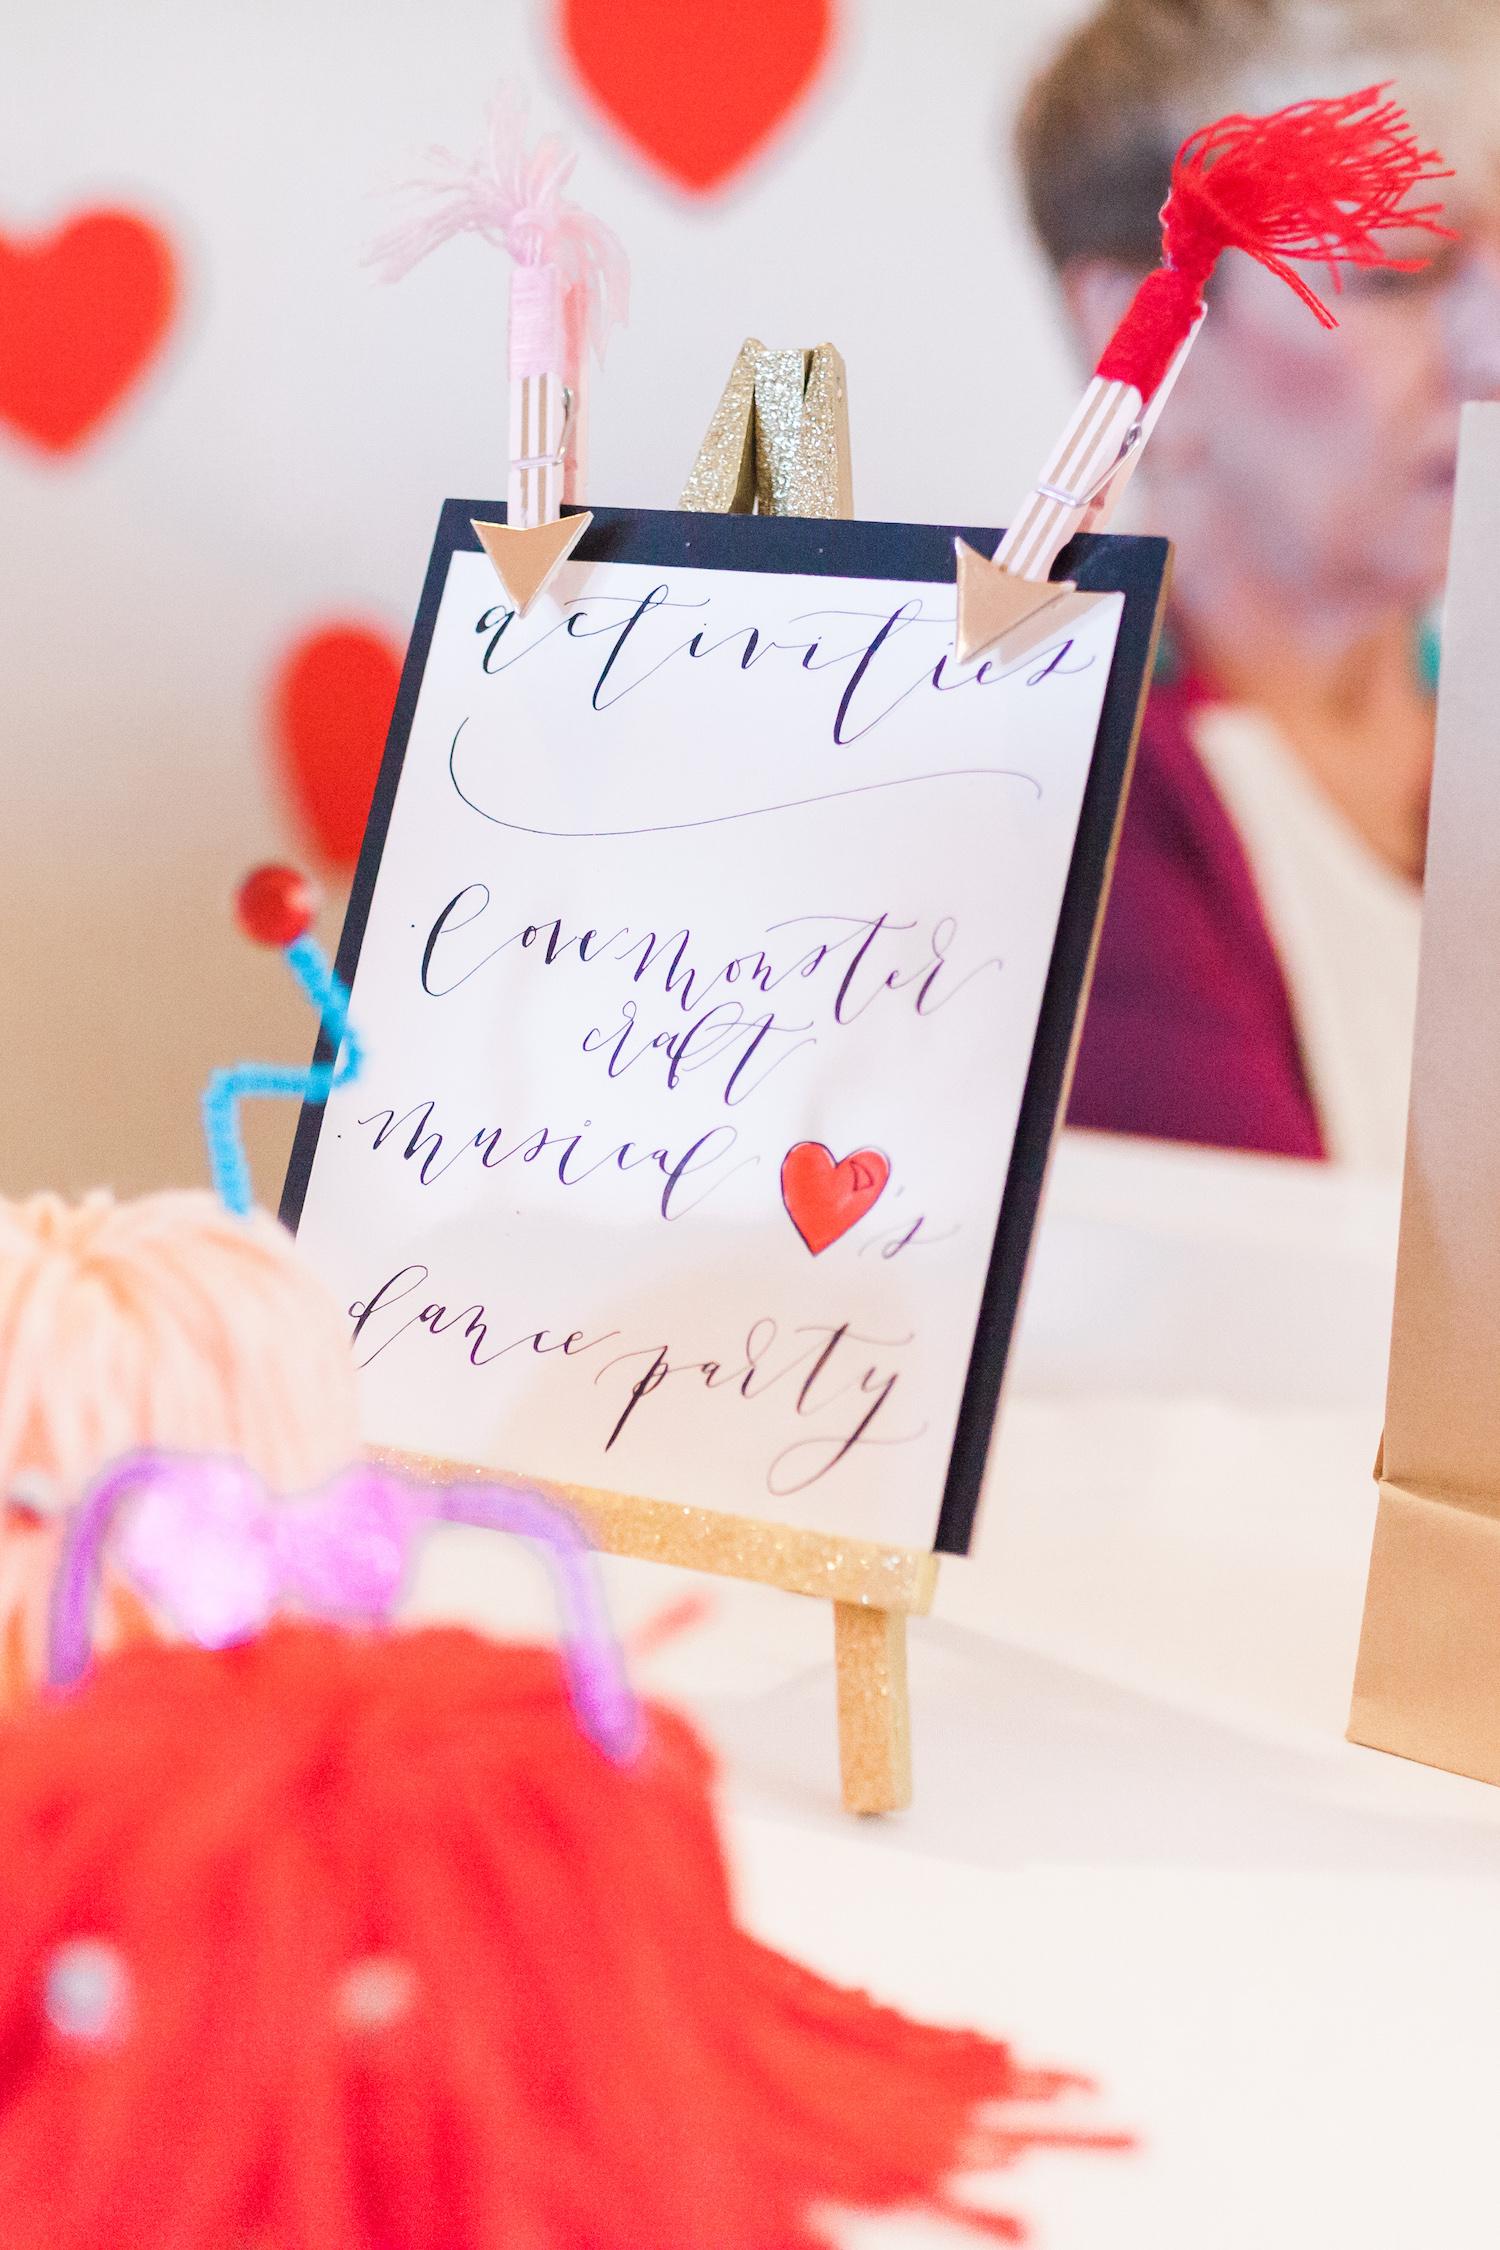 art-craft-valentines-day-party-Connie-Meinhardt-Photography-activity-chalkboard.jpg